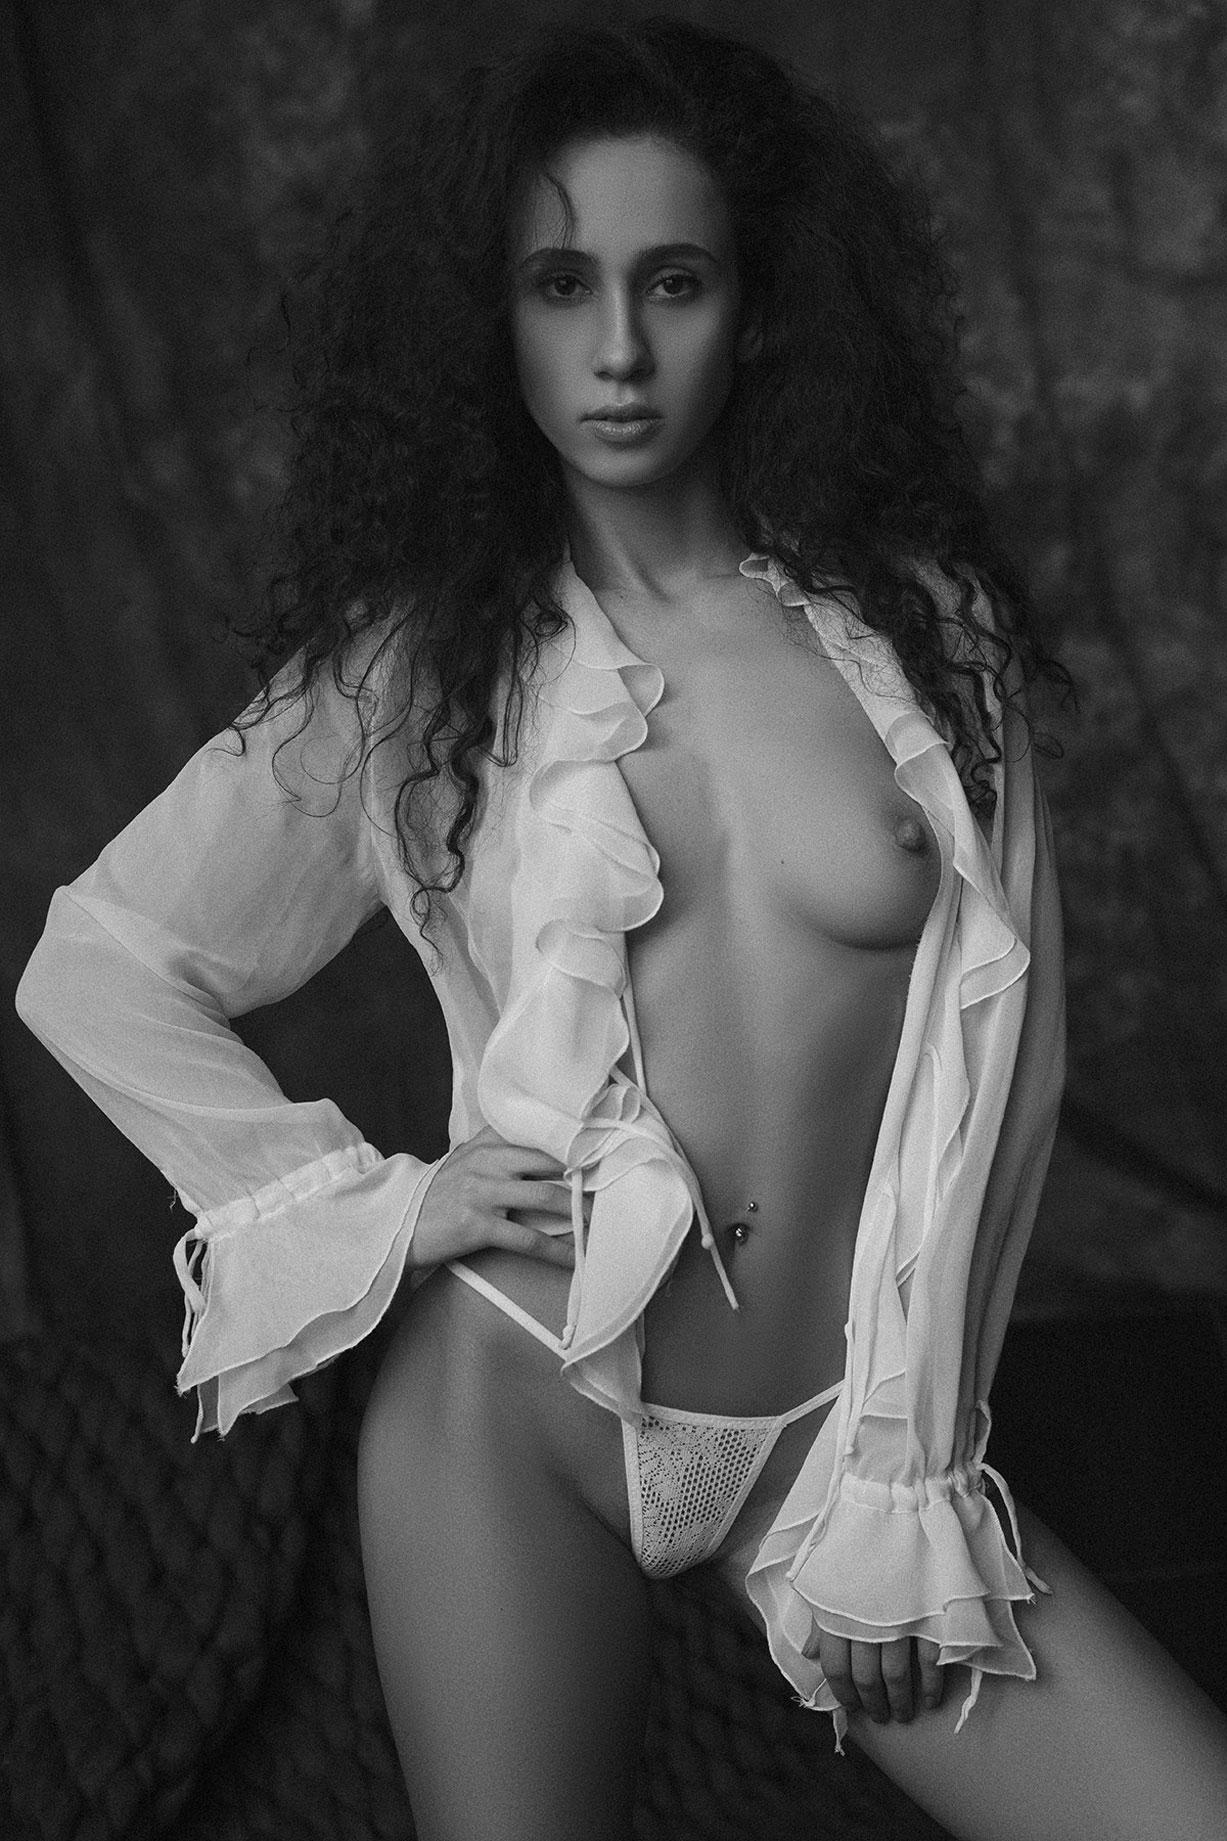 Julia Kovalenko - Alexey Trifonov photoshoot